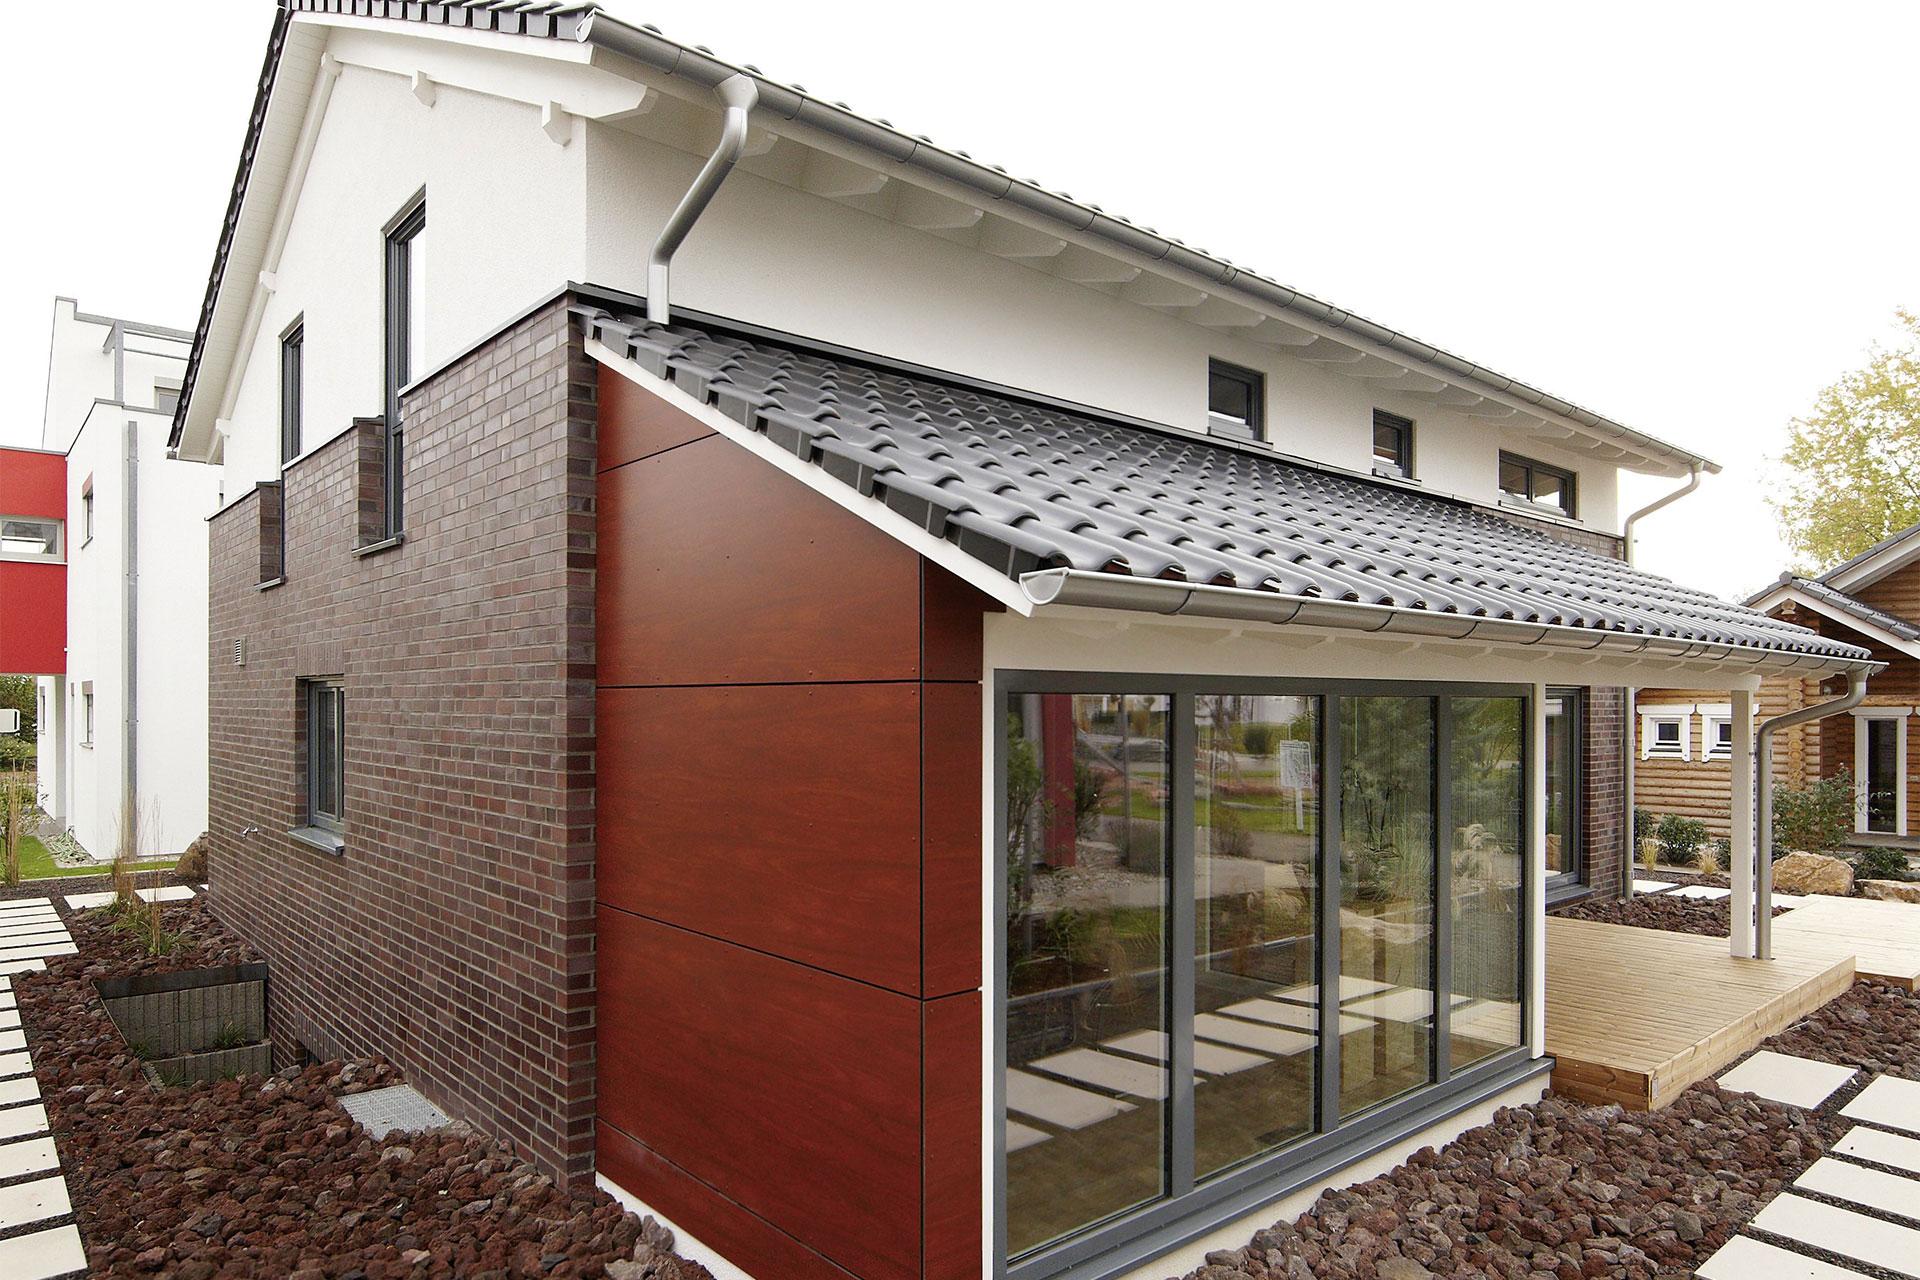 Musterhaus mila mannheim ein fertighaus von gussek haus for Musterhaus flachdach